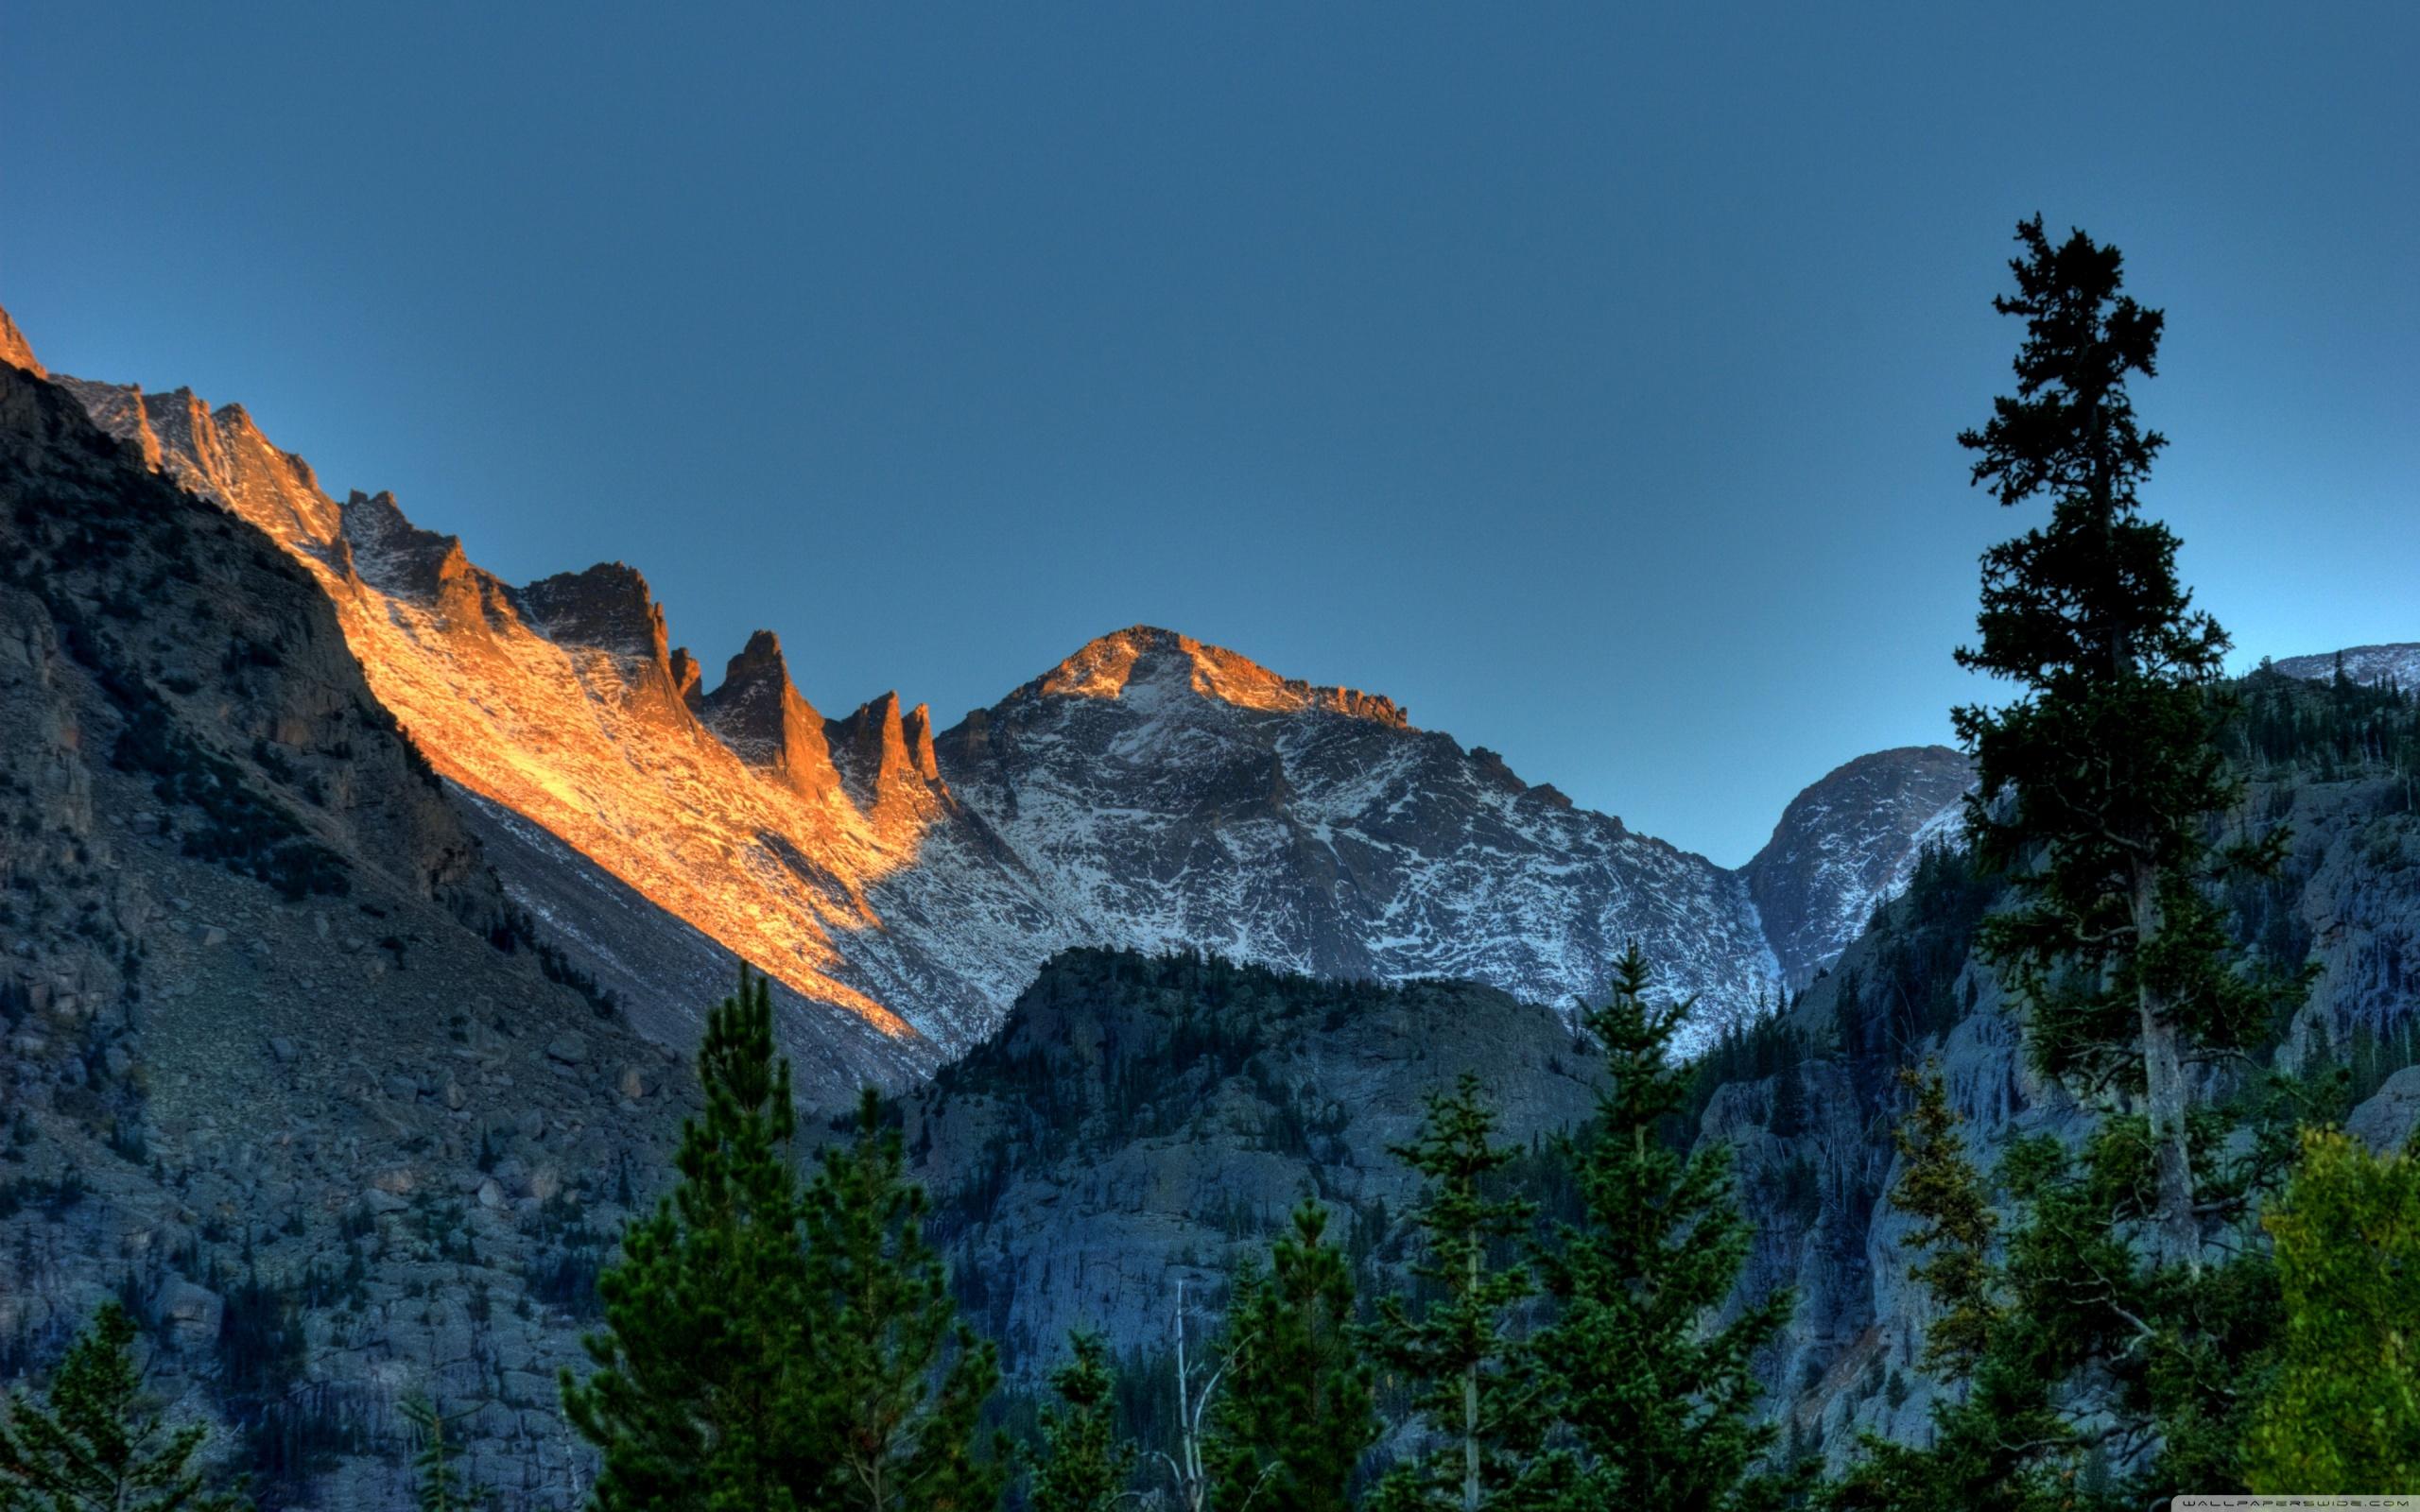 2560x1600 National Park Colorado Desktop Wallpapers And Stock Photos 2560x1600